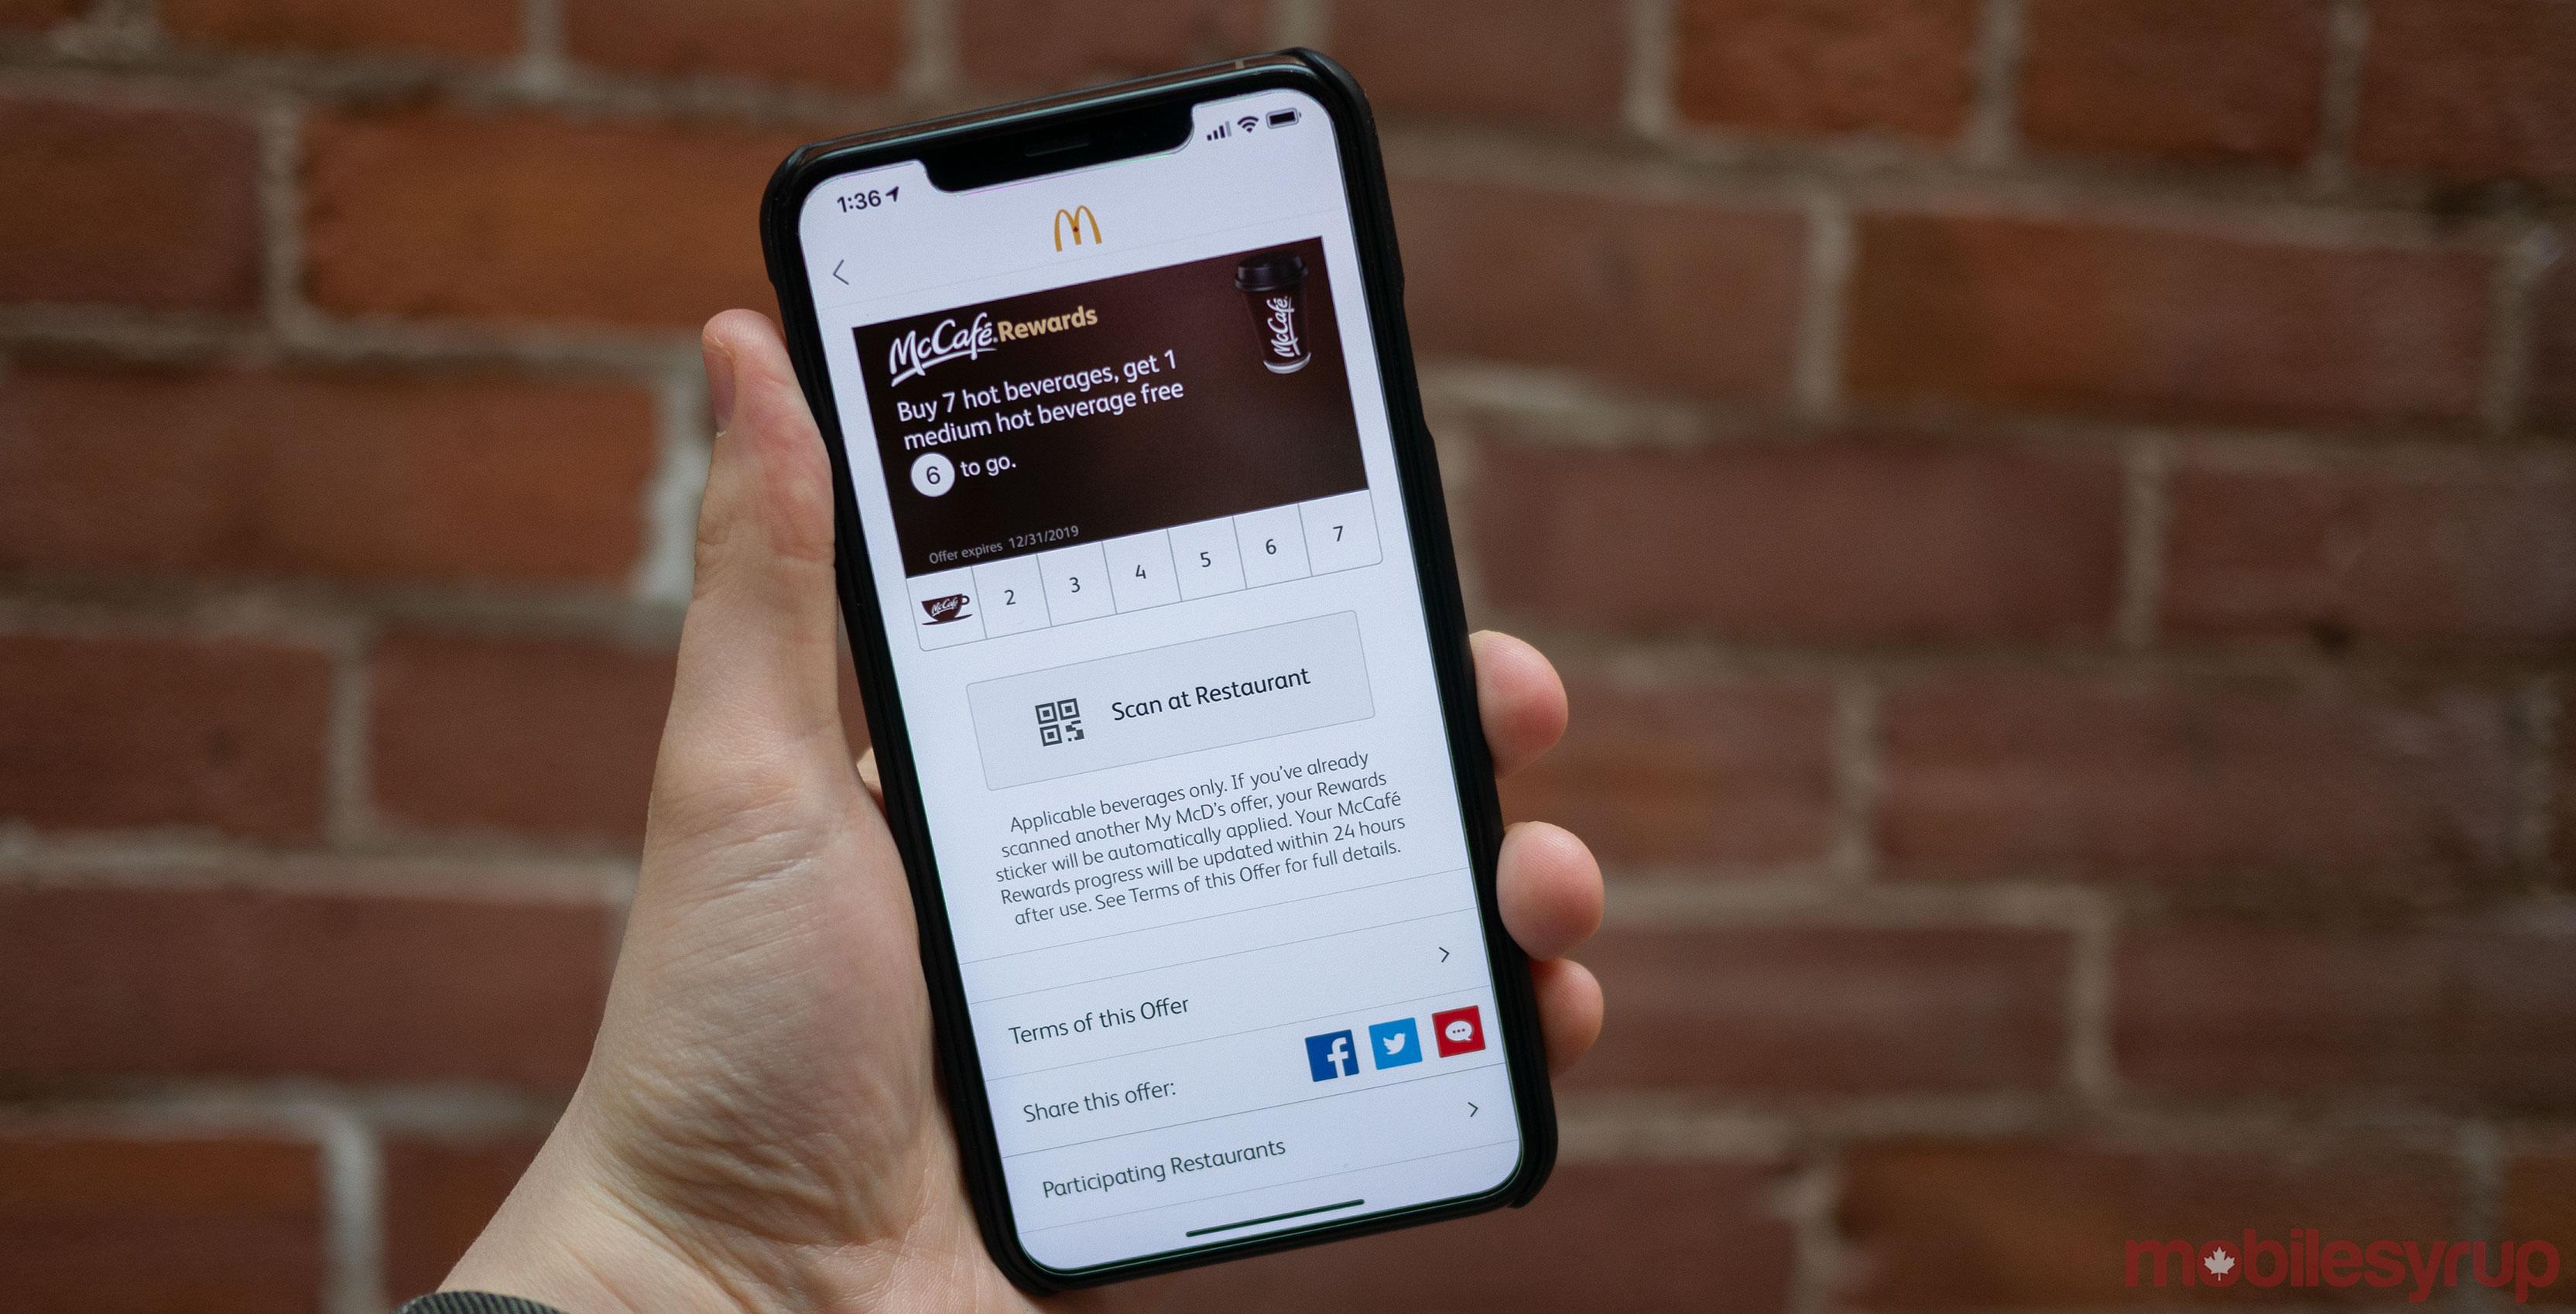 mcdonalds iOS app